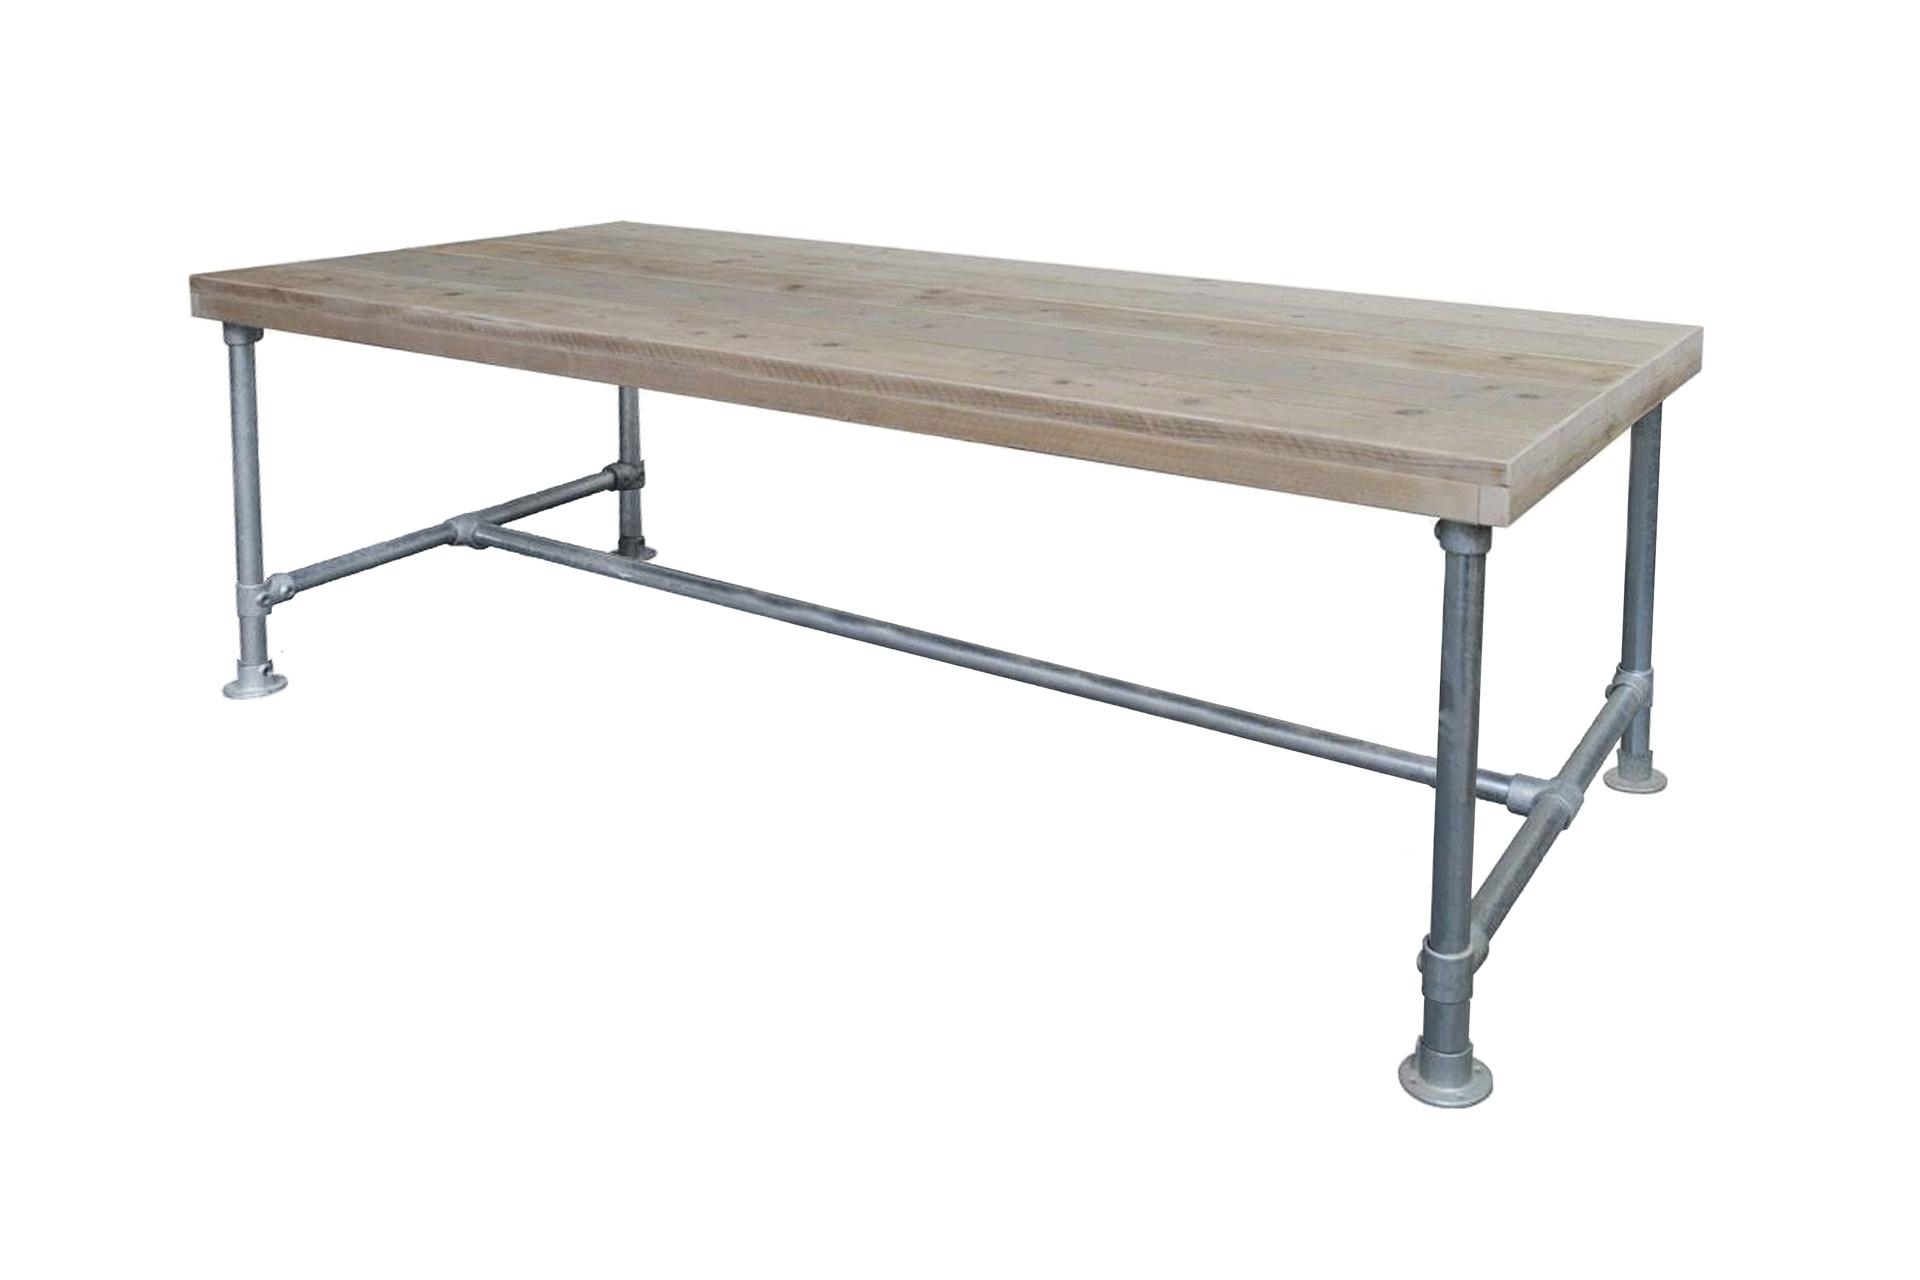 Steigerhouten Tafel Maken : Tekening steigerhouten tafel bbq tafel fun grill table